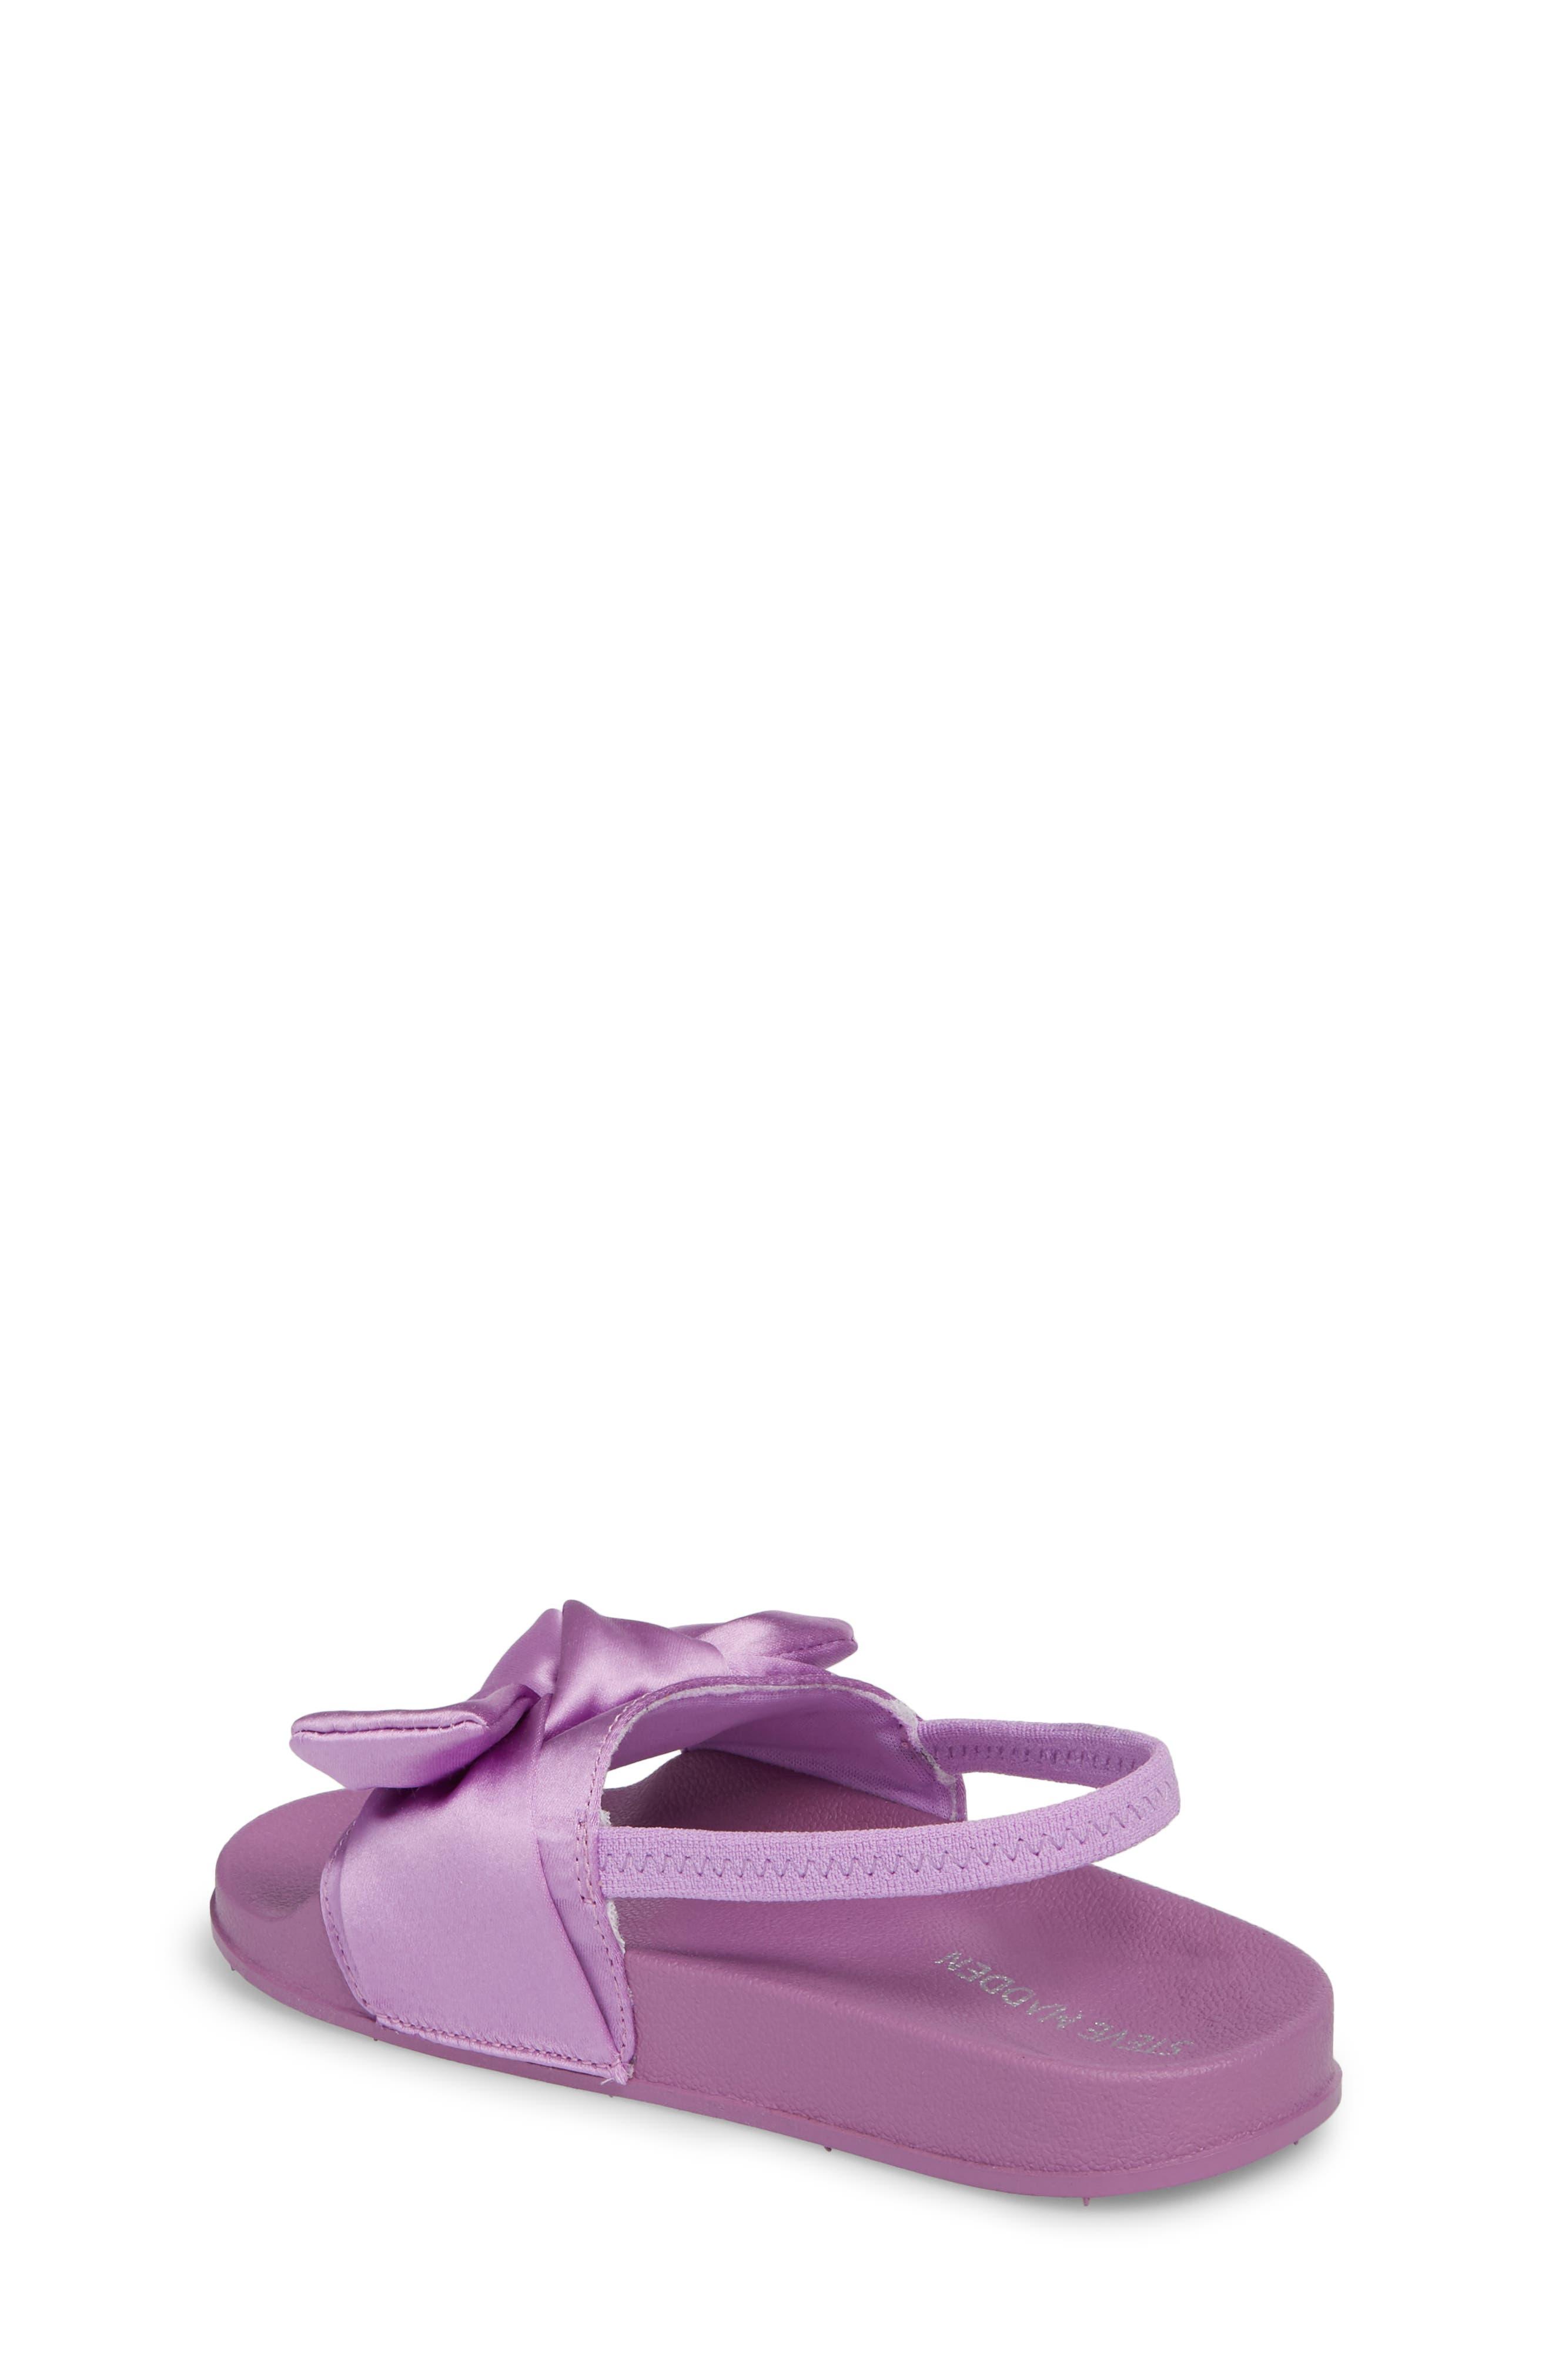 Tsilky Knotted Slide Sandal,                             Alternate thumbnail 8, color,